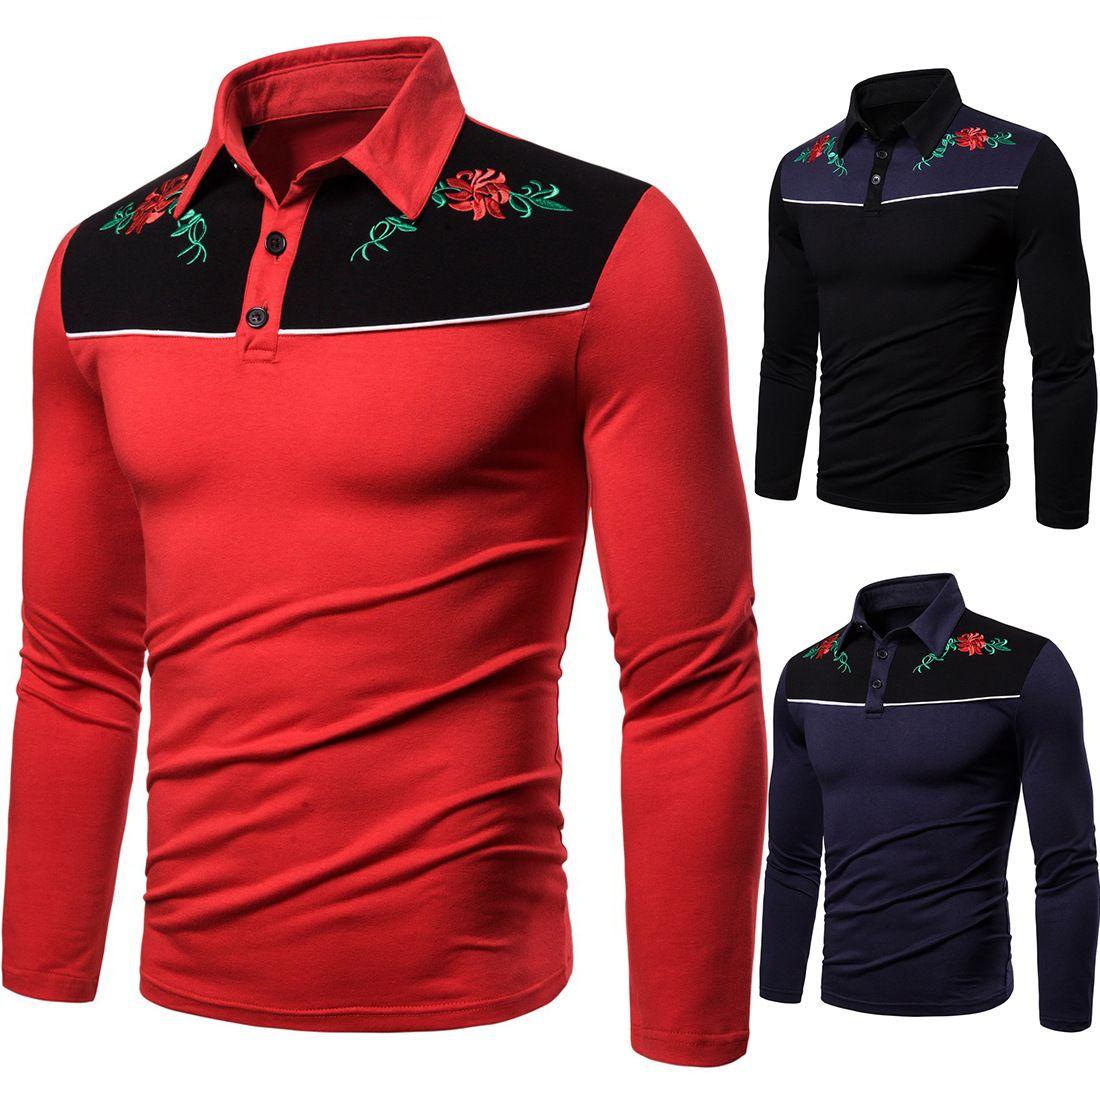 Herbst-Winter-Langarm-T-Shirt Gestickte Blumen Herren Polo Shirts Marken zufälliges Polo 2019 für Männer S-2XL AOWOFS Marke J1906146